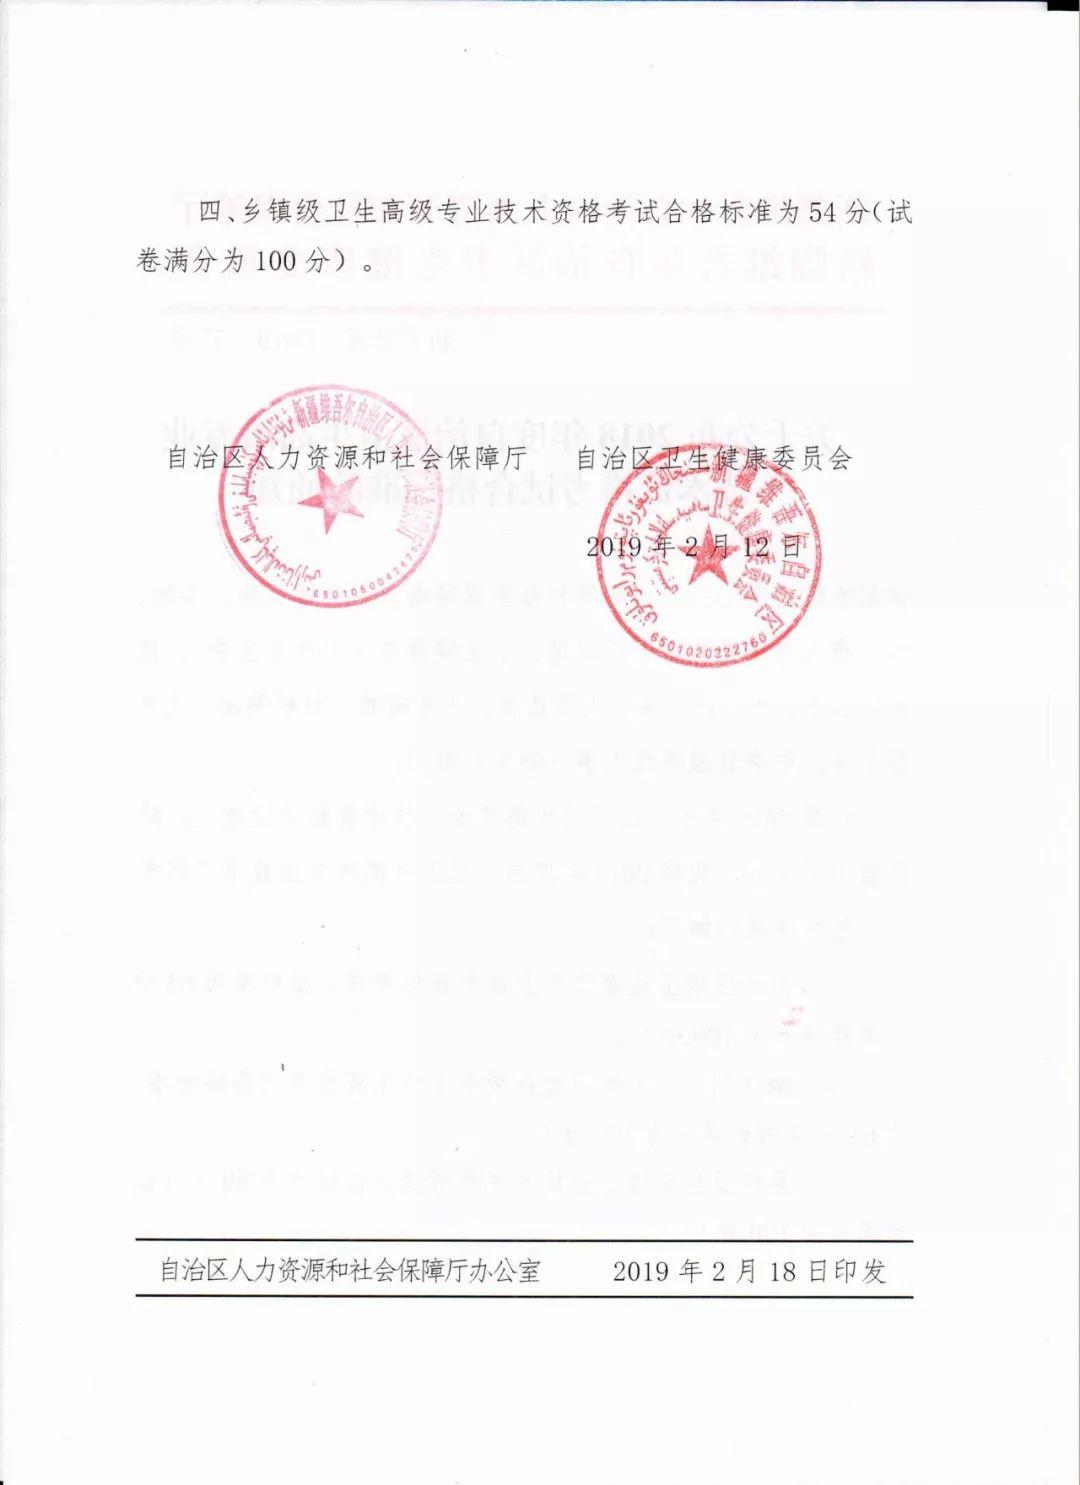 2018年度新疆自治区卫生高级专业技术资格考试合格标准的通知